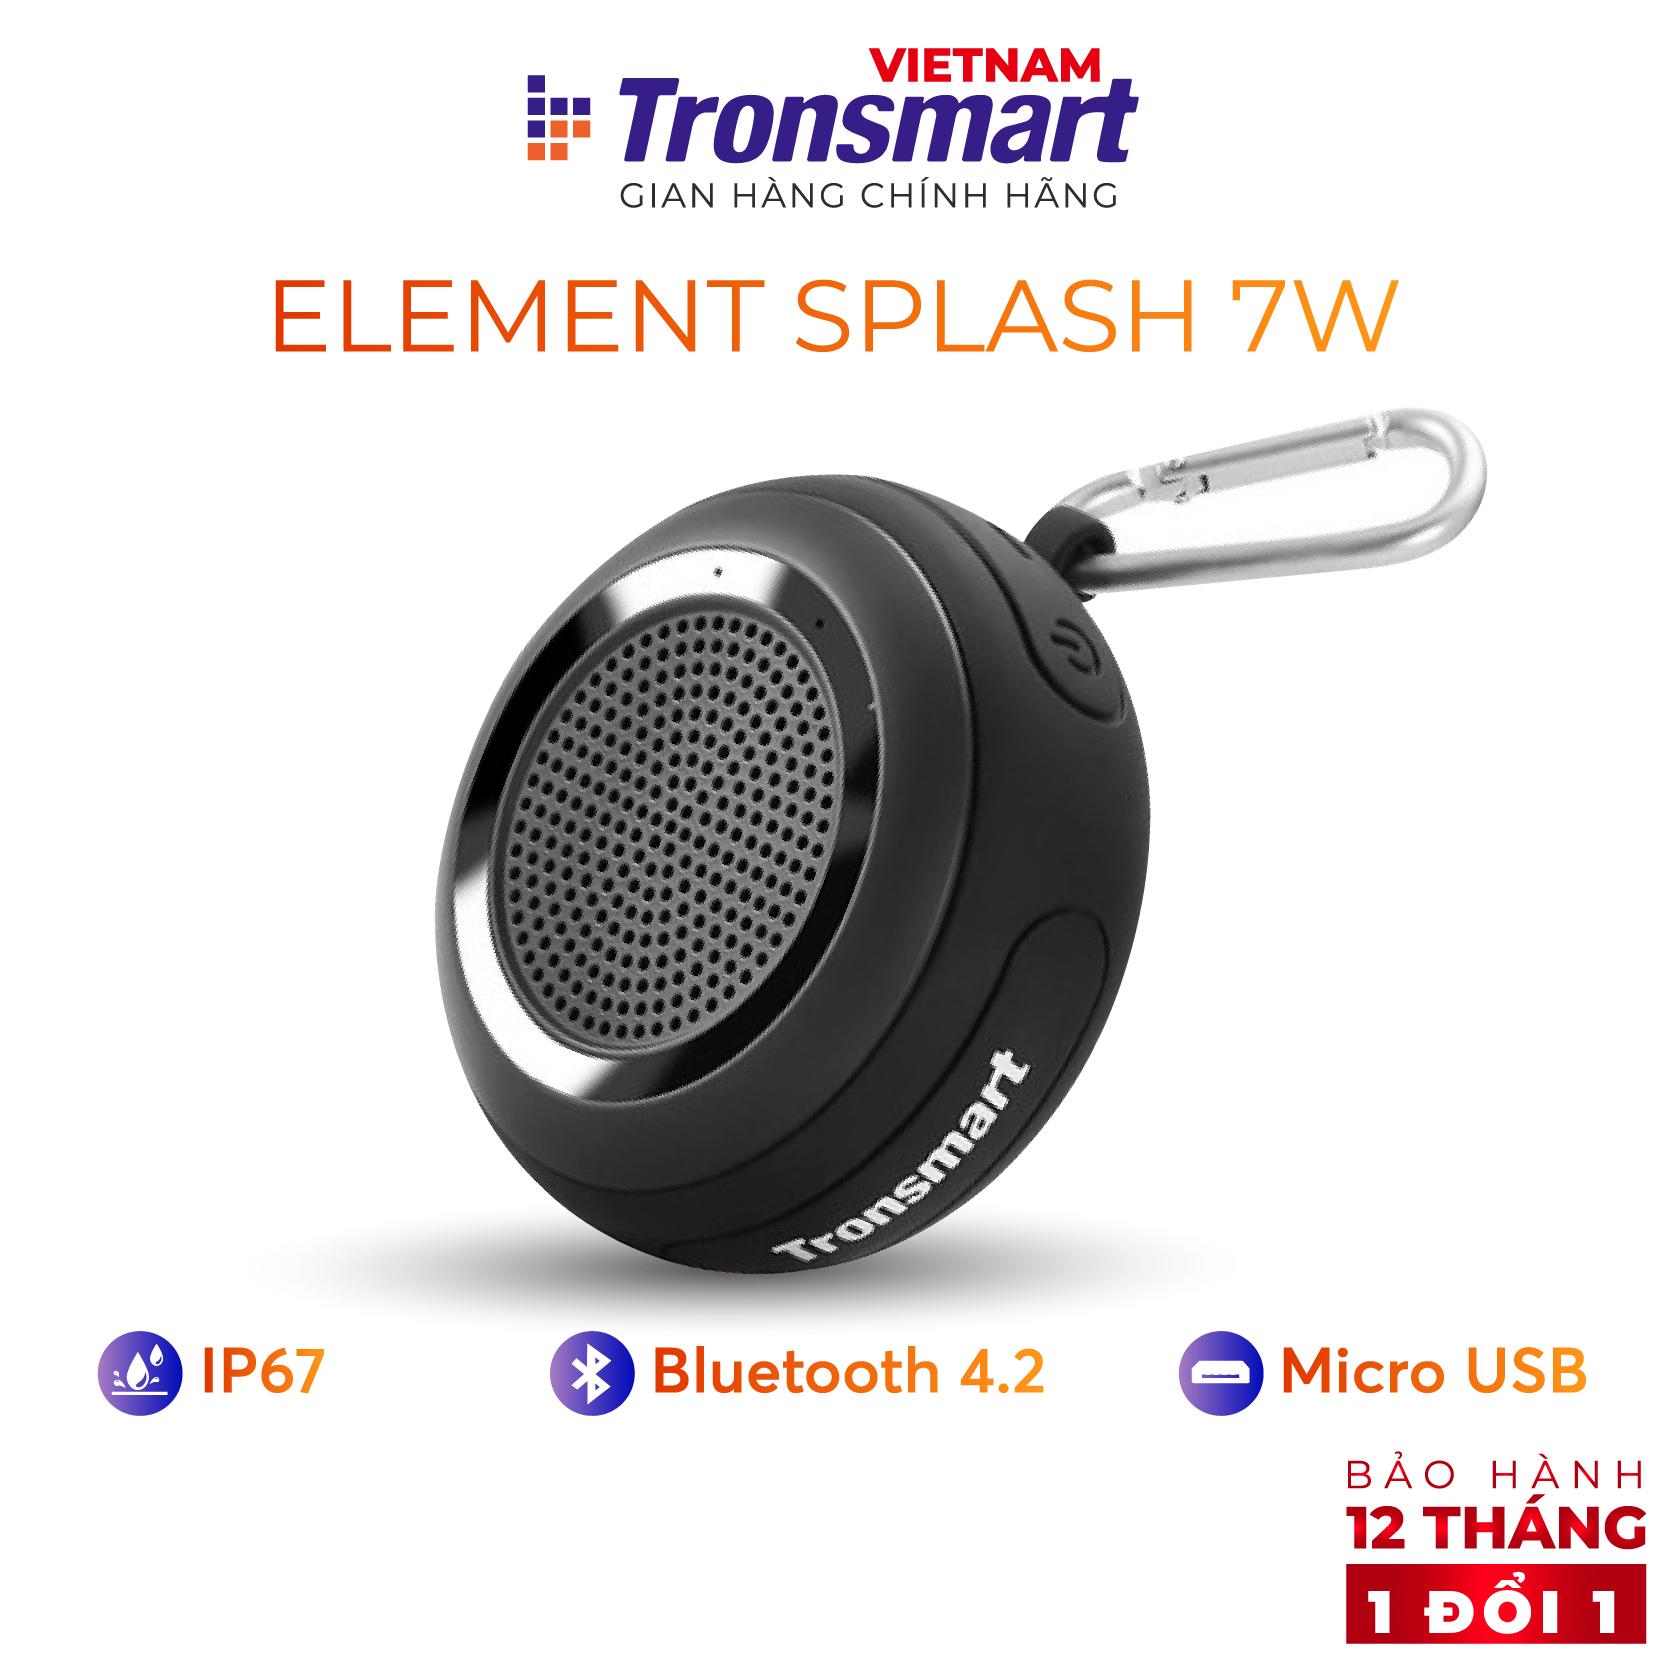 [VOUCHER 7% tối đa 500K] Loa Bluetooth 4.2 Tronsmart Element Splash Âm thanh Vòm 360 Công suất 7W - Hàng chính hãng - Bảo hành 12 tháng 1 đổi 1